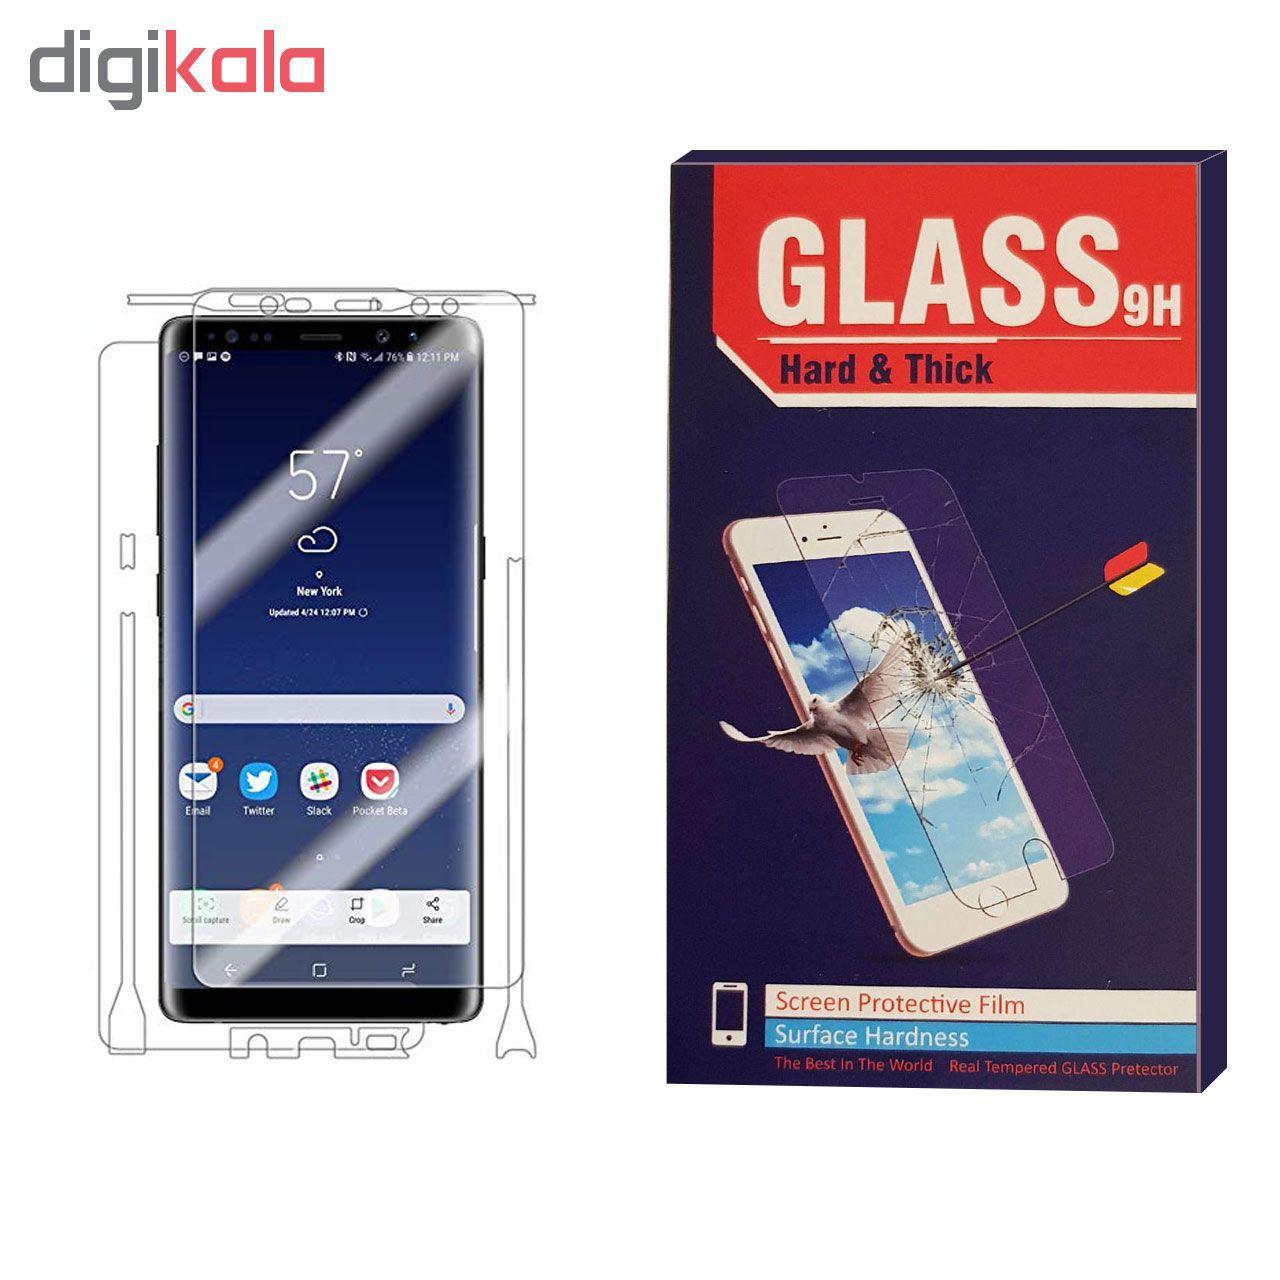 محافظ صفحه نمایش و پشت Hard and thick مدل CR-001 مناسب برای گوشی موبایل سامسونگ Galaxy note 8 main 1 1